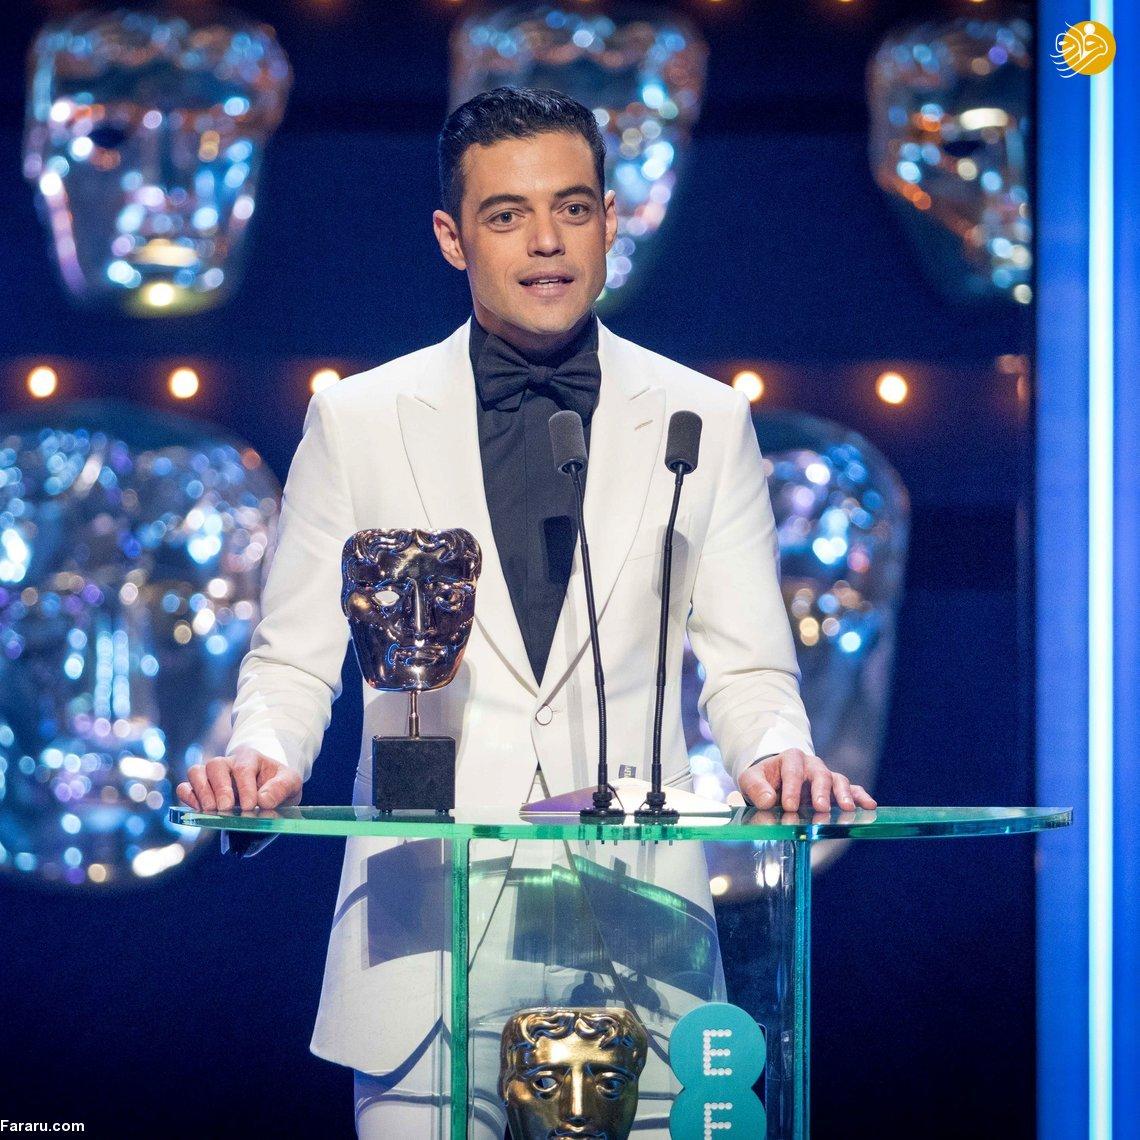 (تصاویر) مراسم اهدای جوایز بفتا؛ درخشش سوگلی و رما - 22